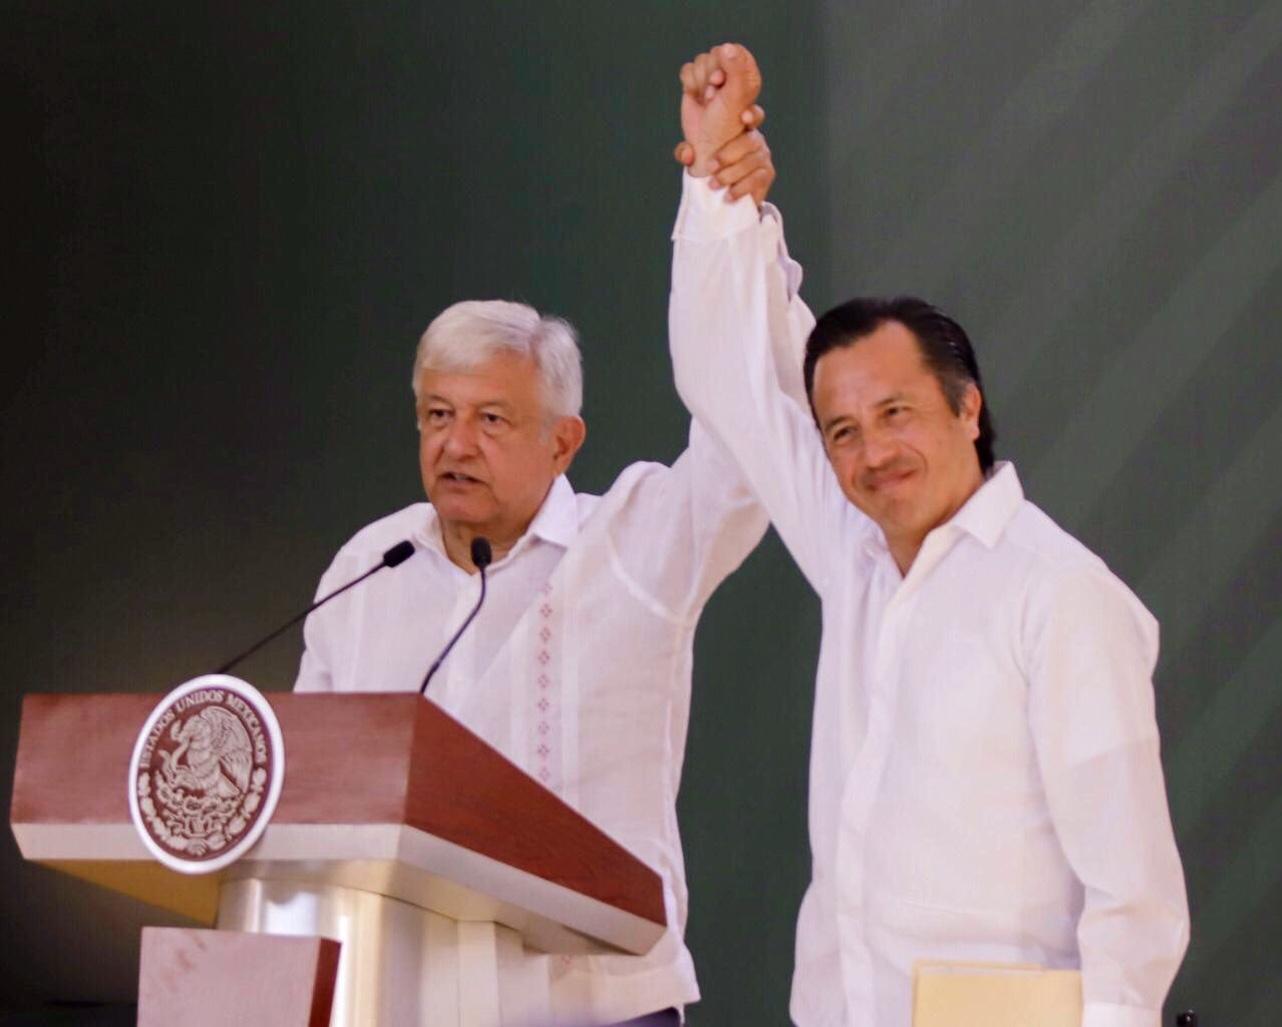 Los votantes arrepentidos en Veracruz, por Alejandro Aguirre